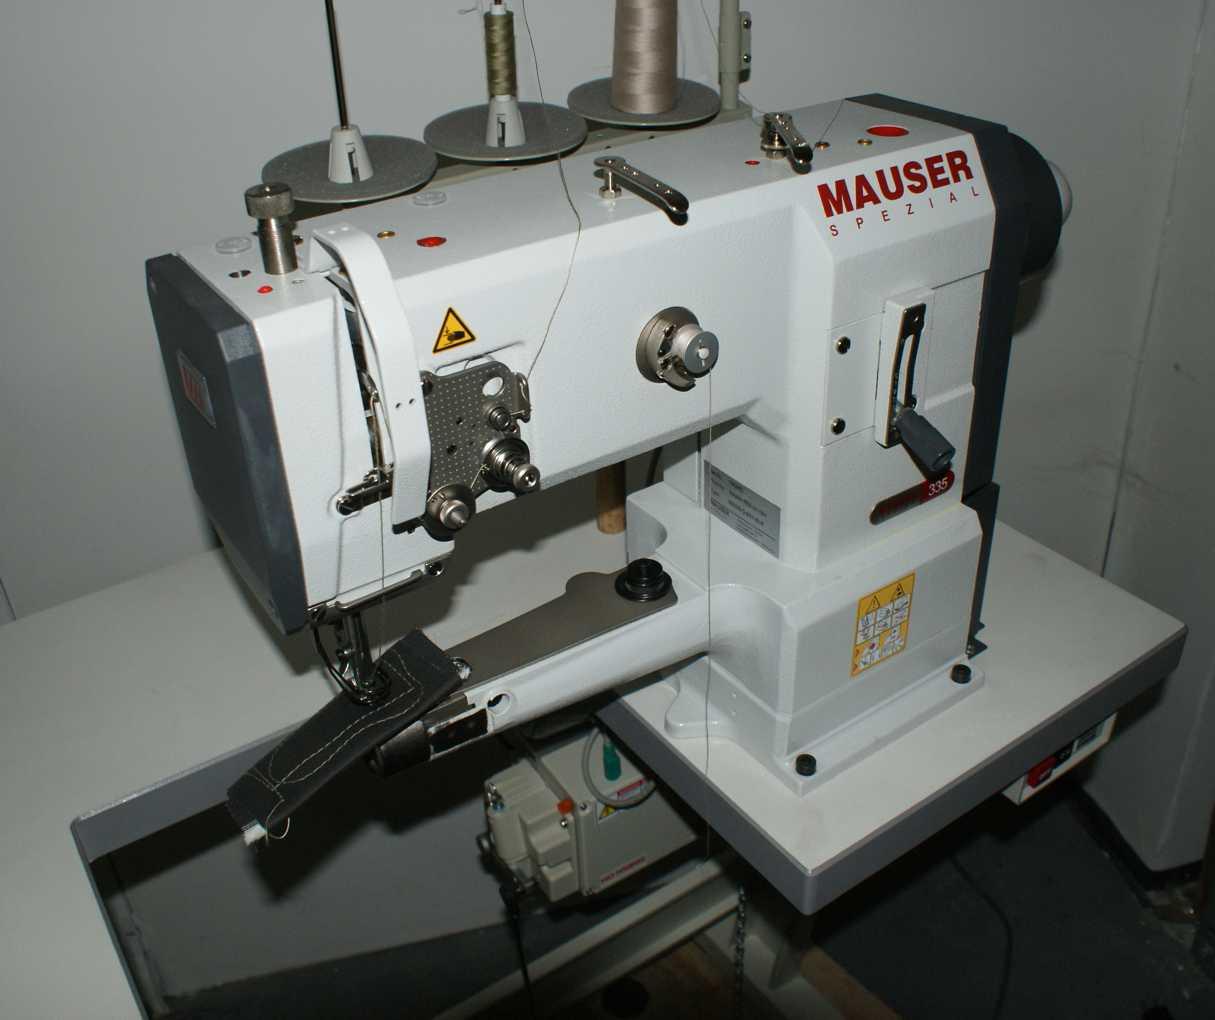 Industrienähmaschine Mauser Spezial 335 Dreifachtransport